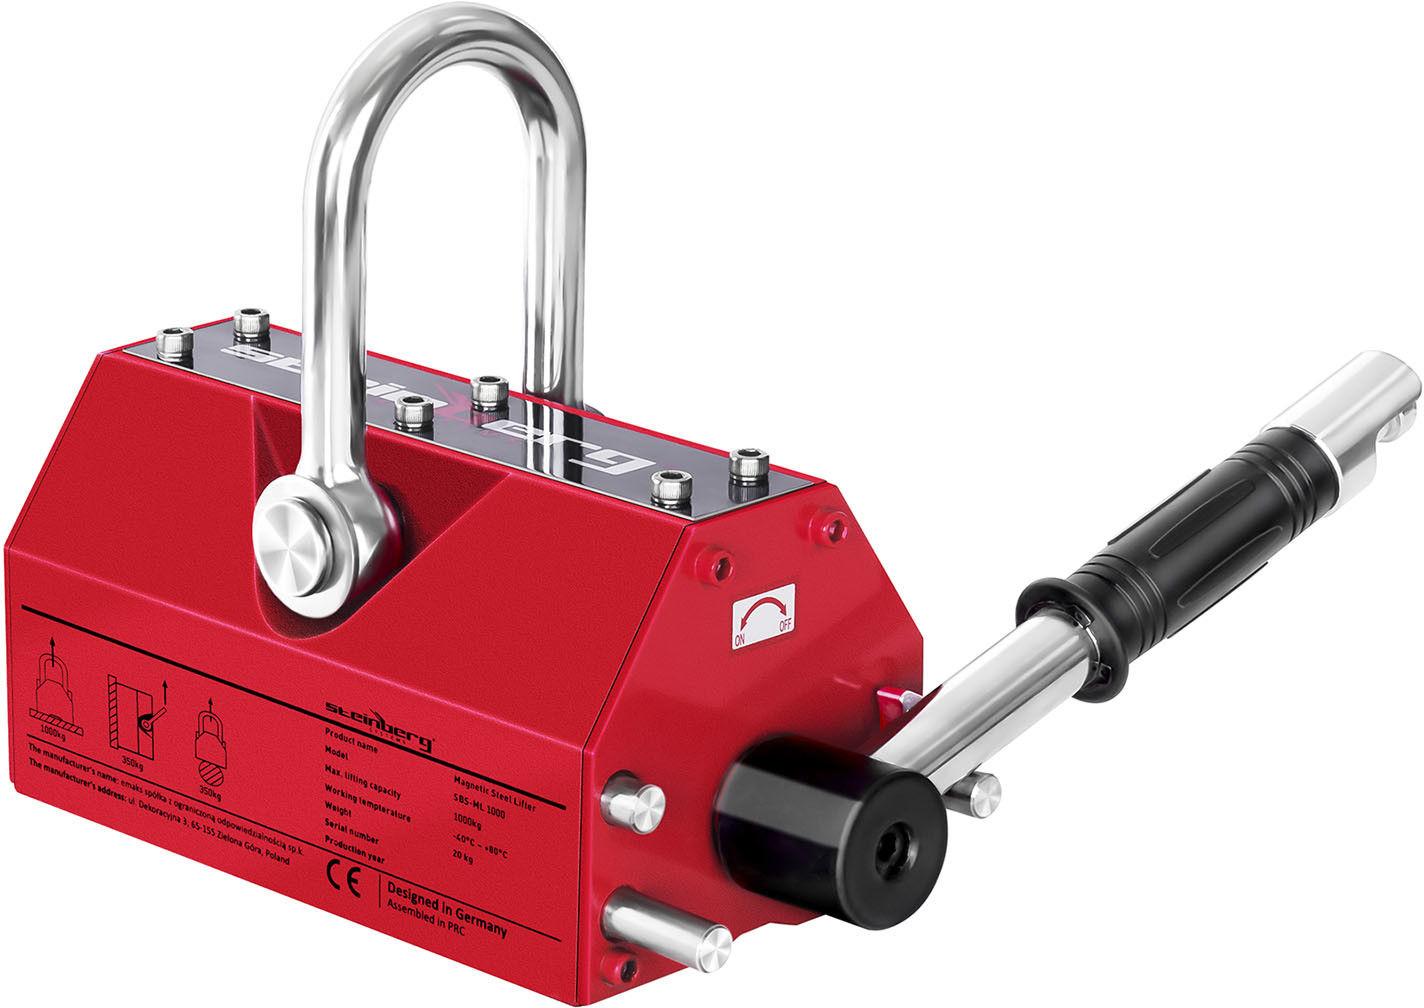 Podnośnik magnetyczny - 1000 kg - Steinberg Systems - SBS-ML 1000 - 3 lata gwarancji/wysyłka w 24h